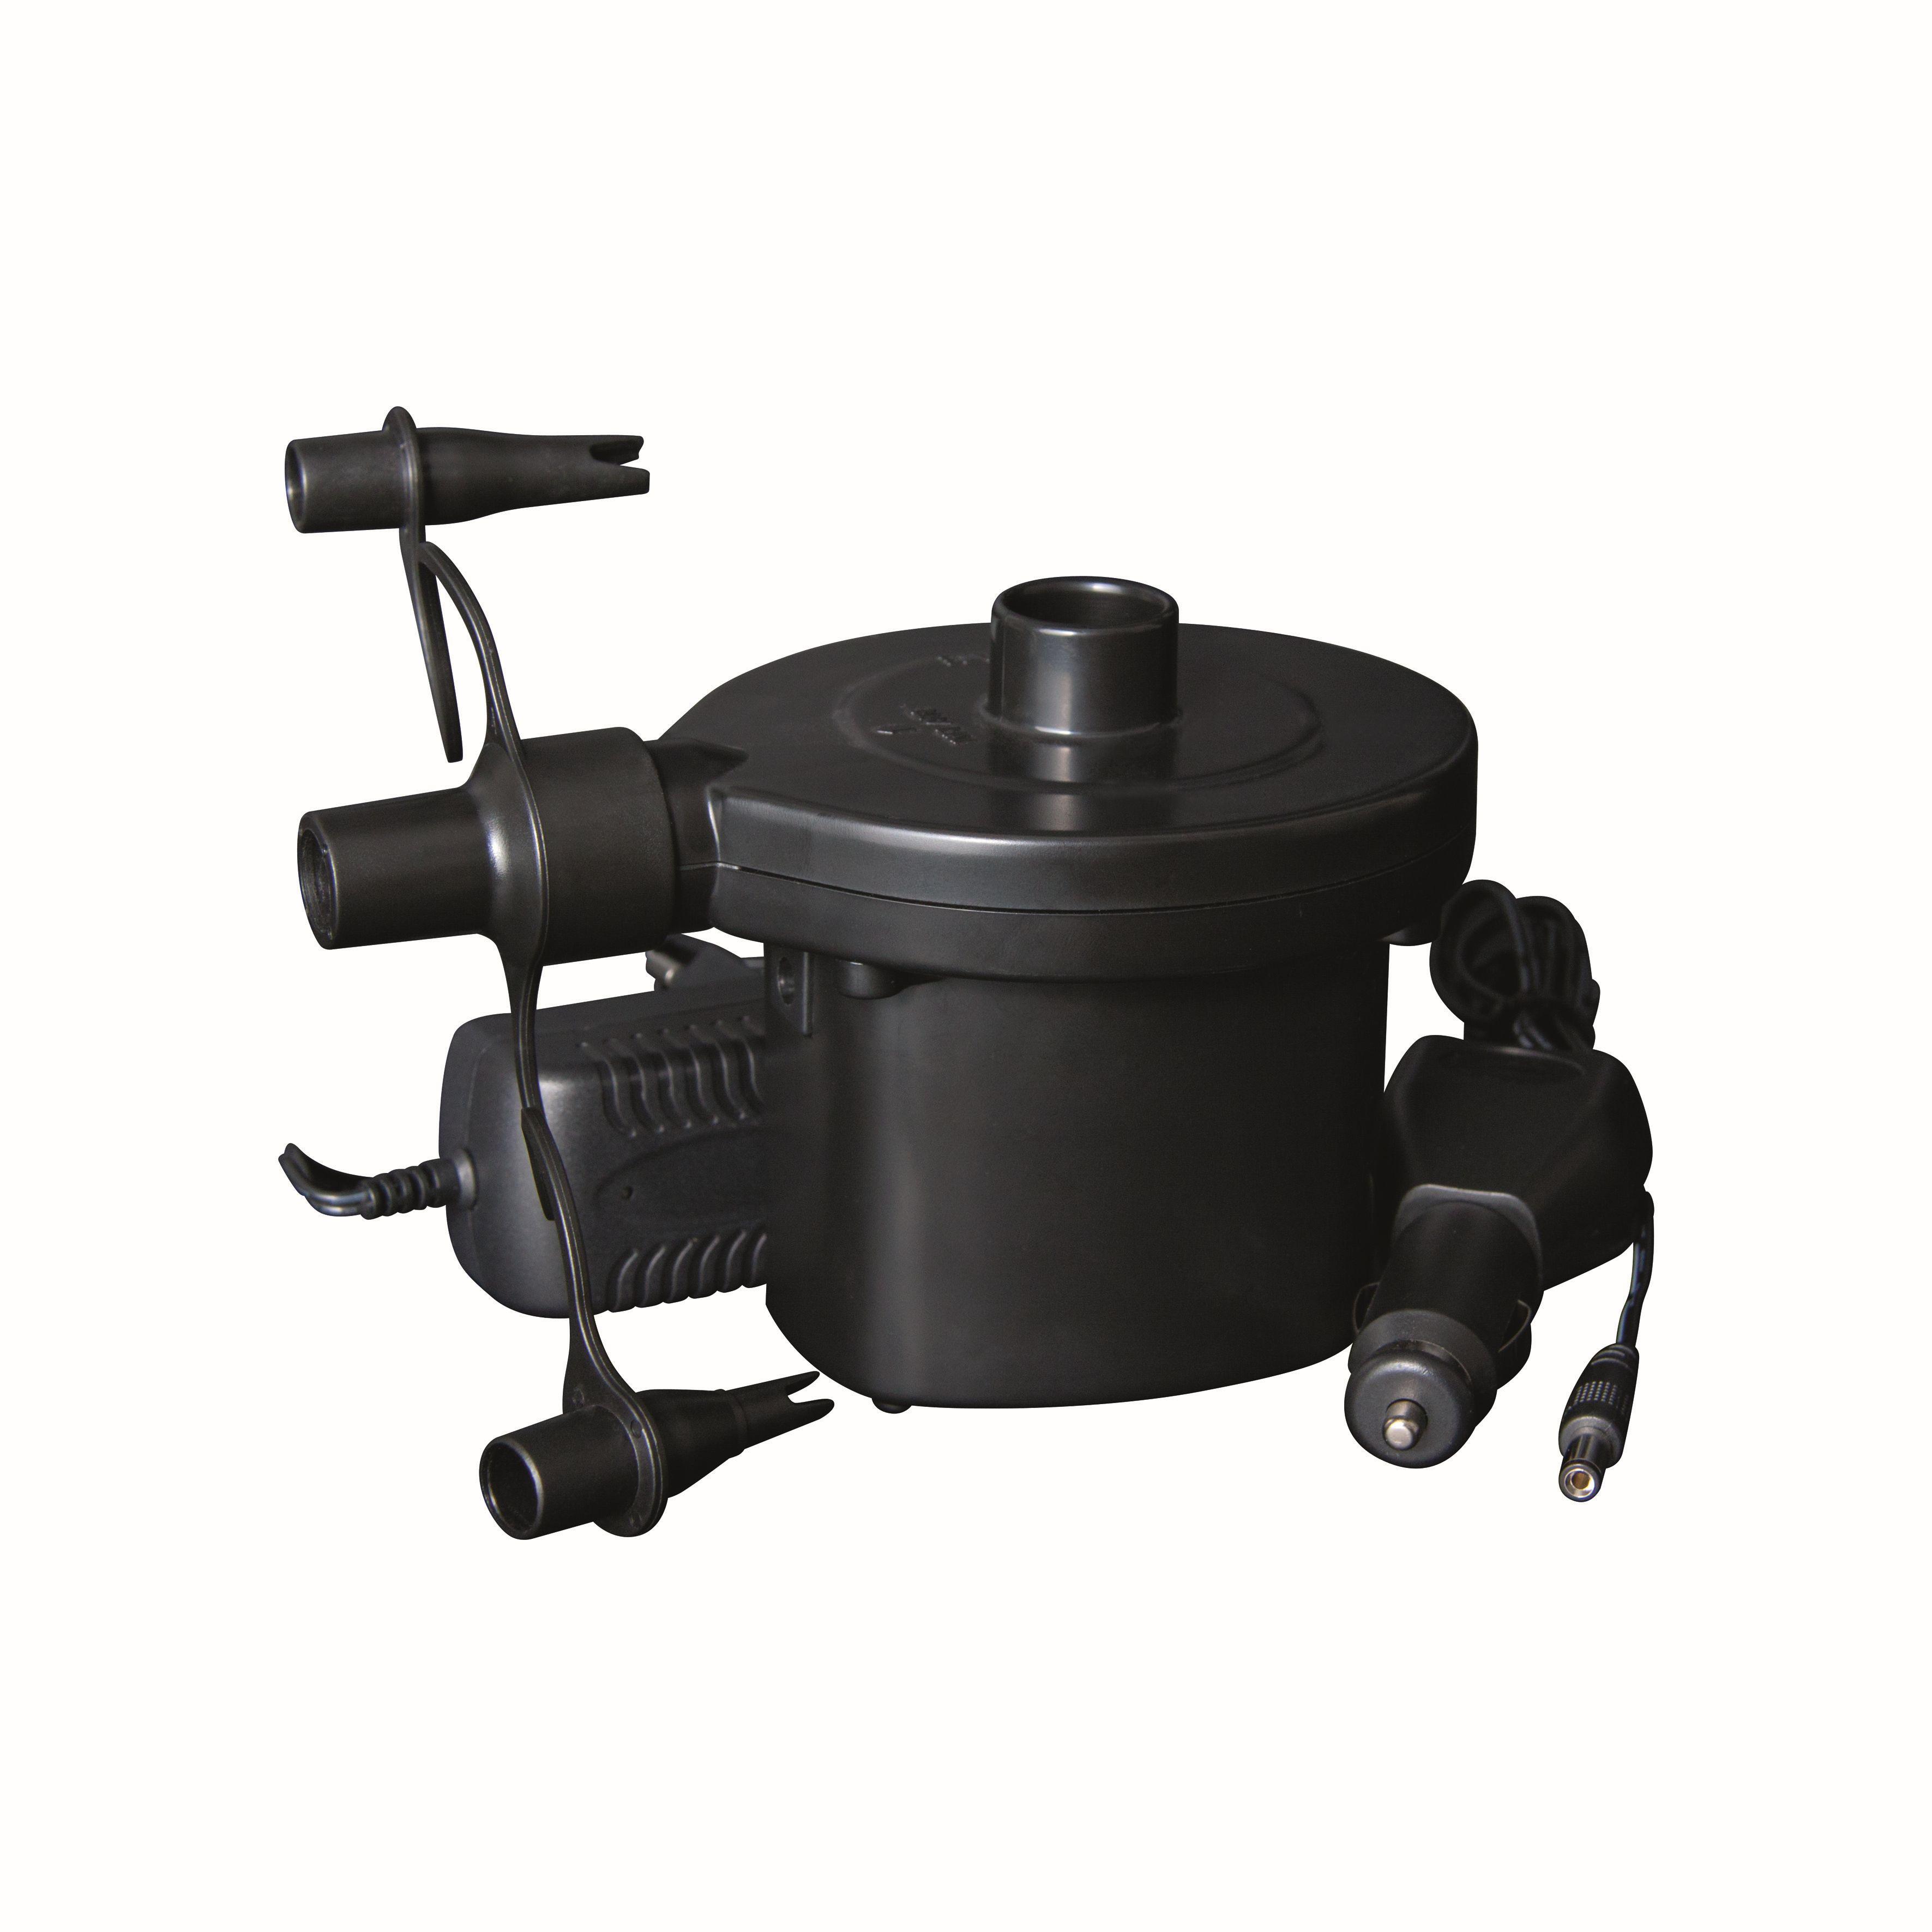 wassersport luftpumpe elektrisch 12 230 v schlauchboot online kaufen. Black Bedroom Furniture Sets. Home Design Ideas